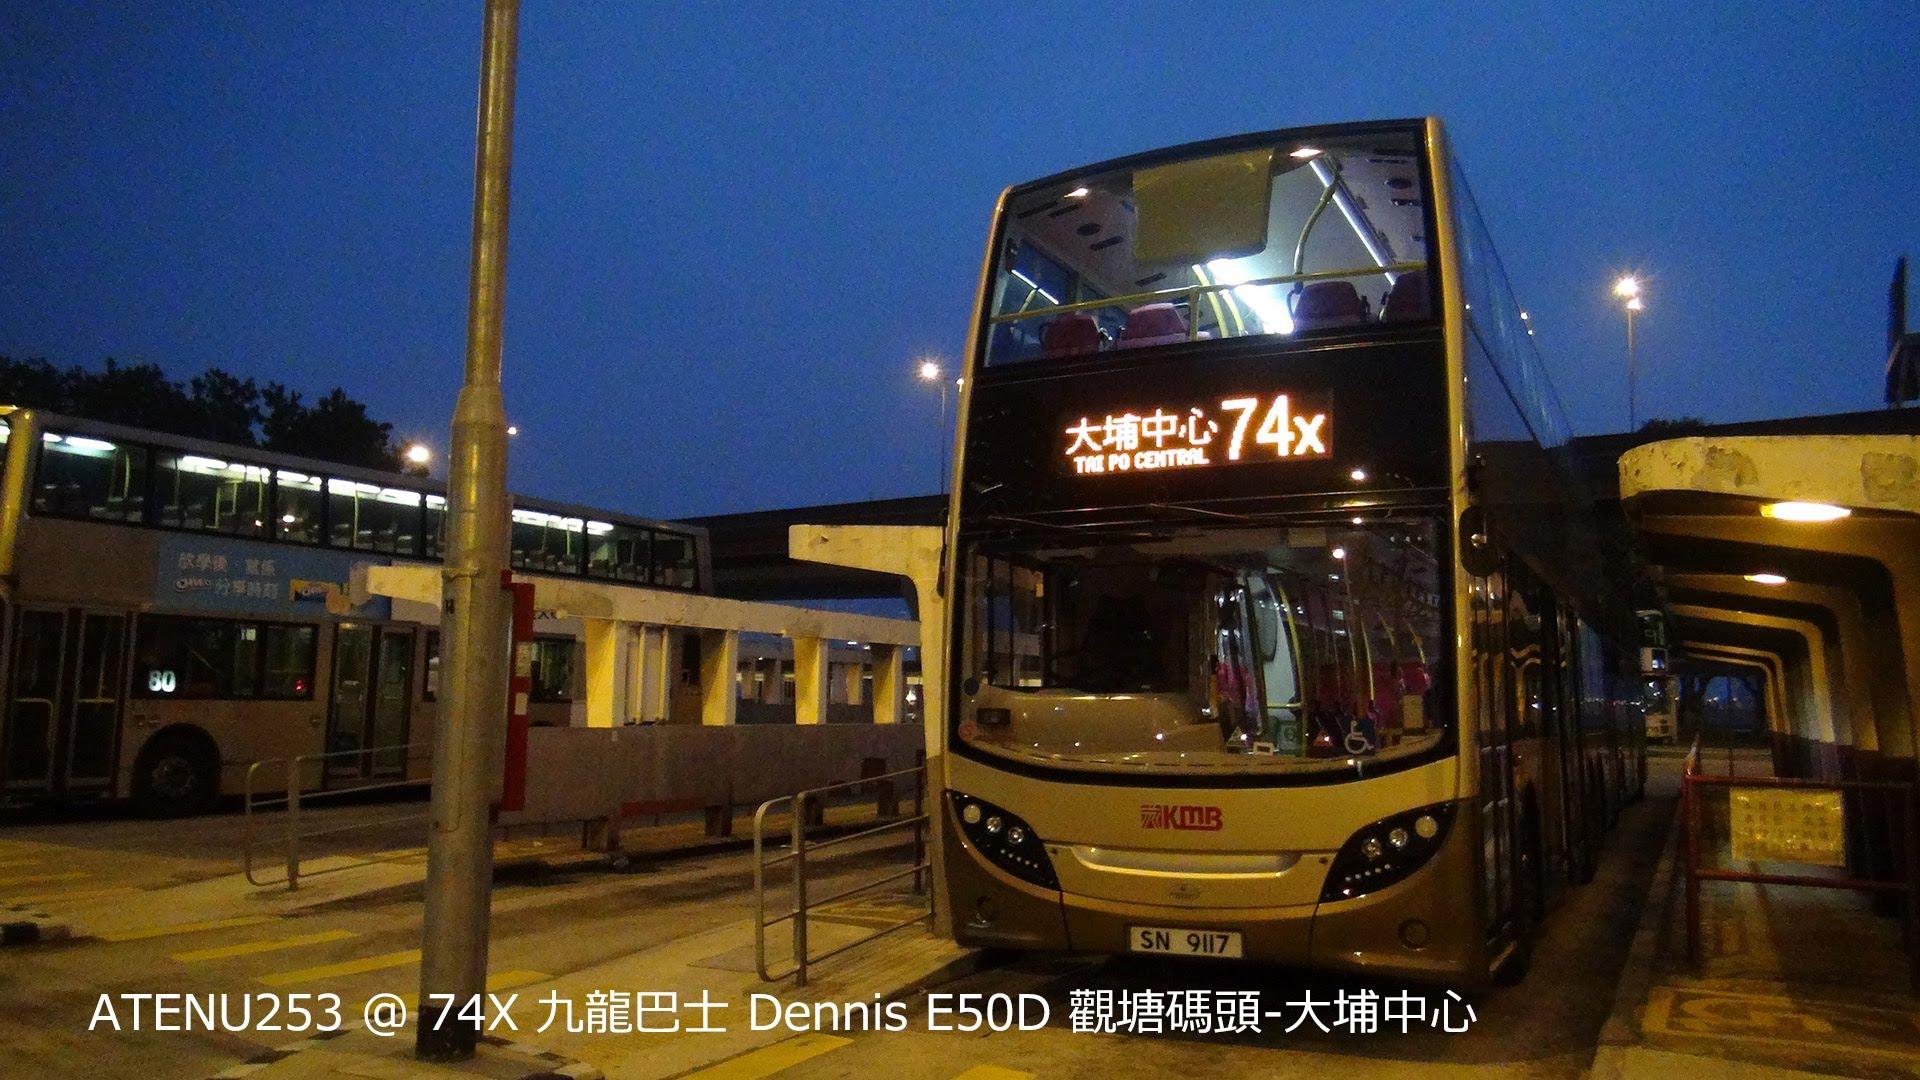 Hong Kong Bus KMB ATENU253 @ 74X 九龍巴士 Dennis E50D 觀塘碼頭-大埔中心